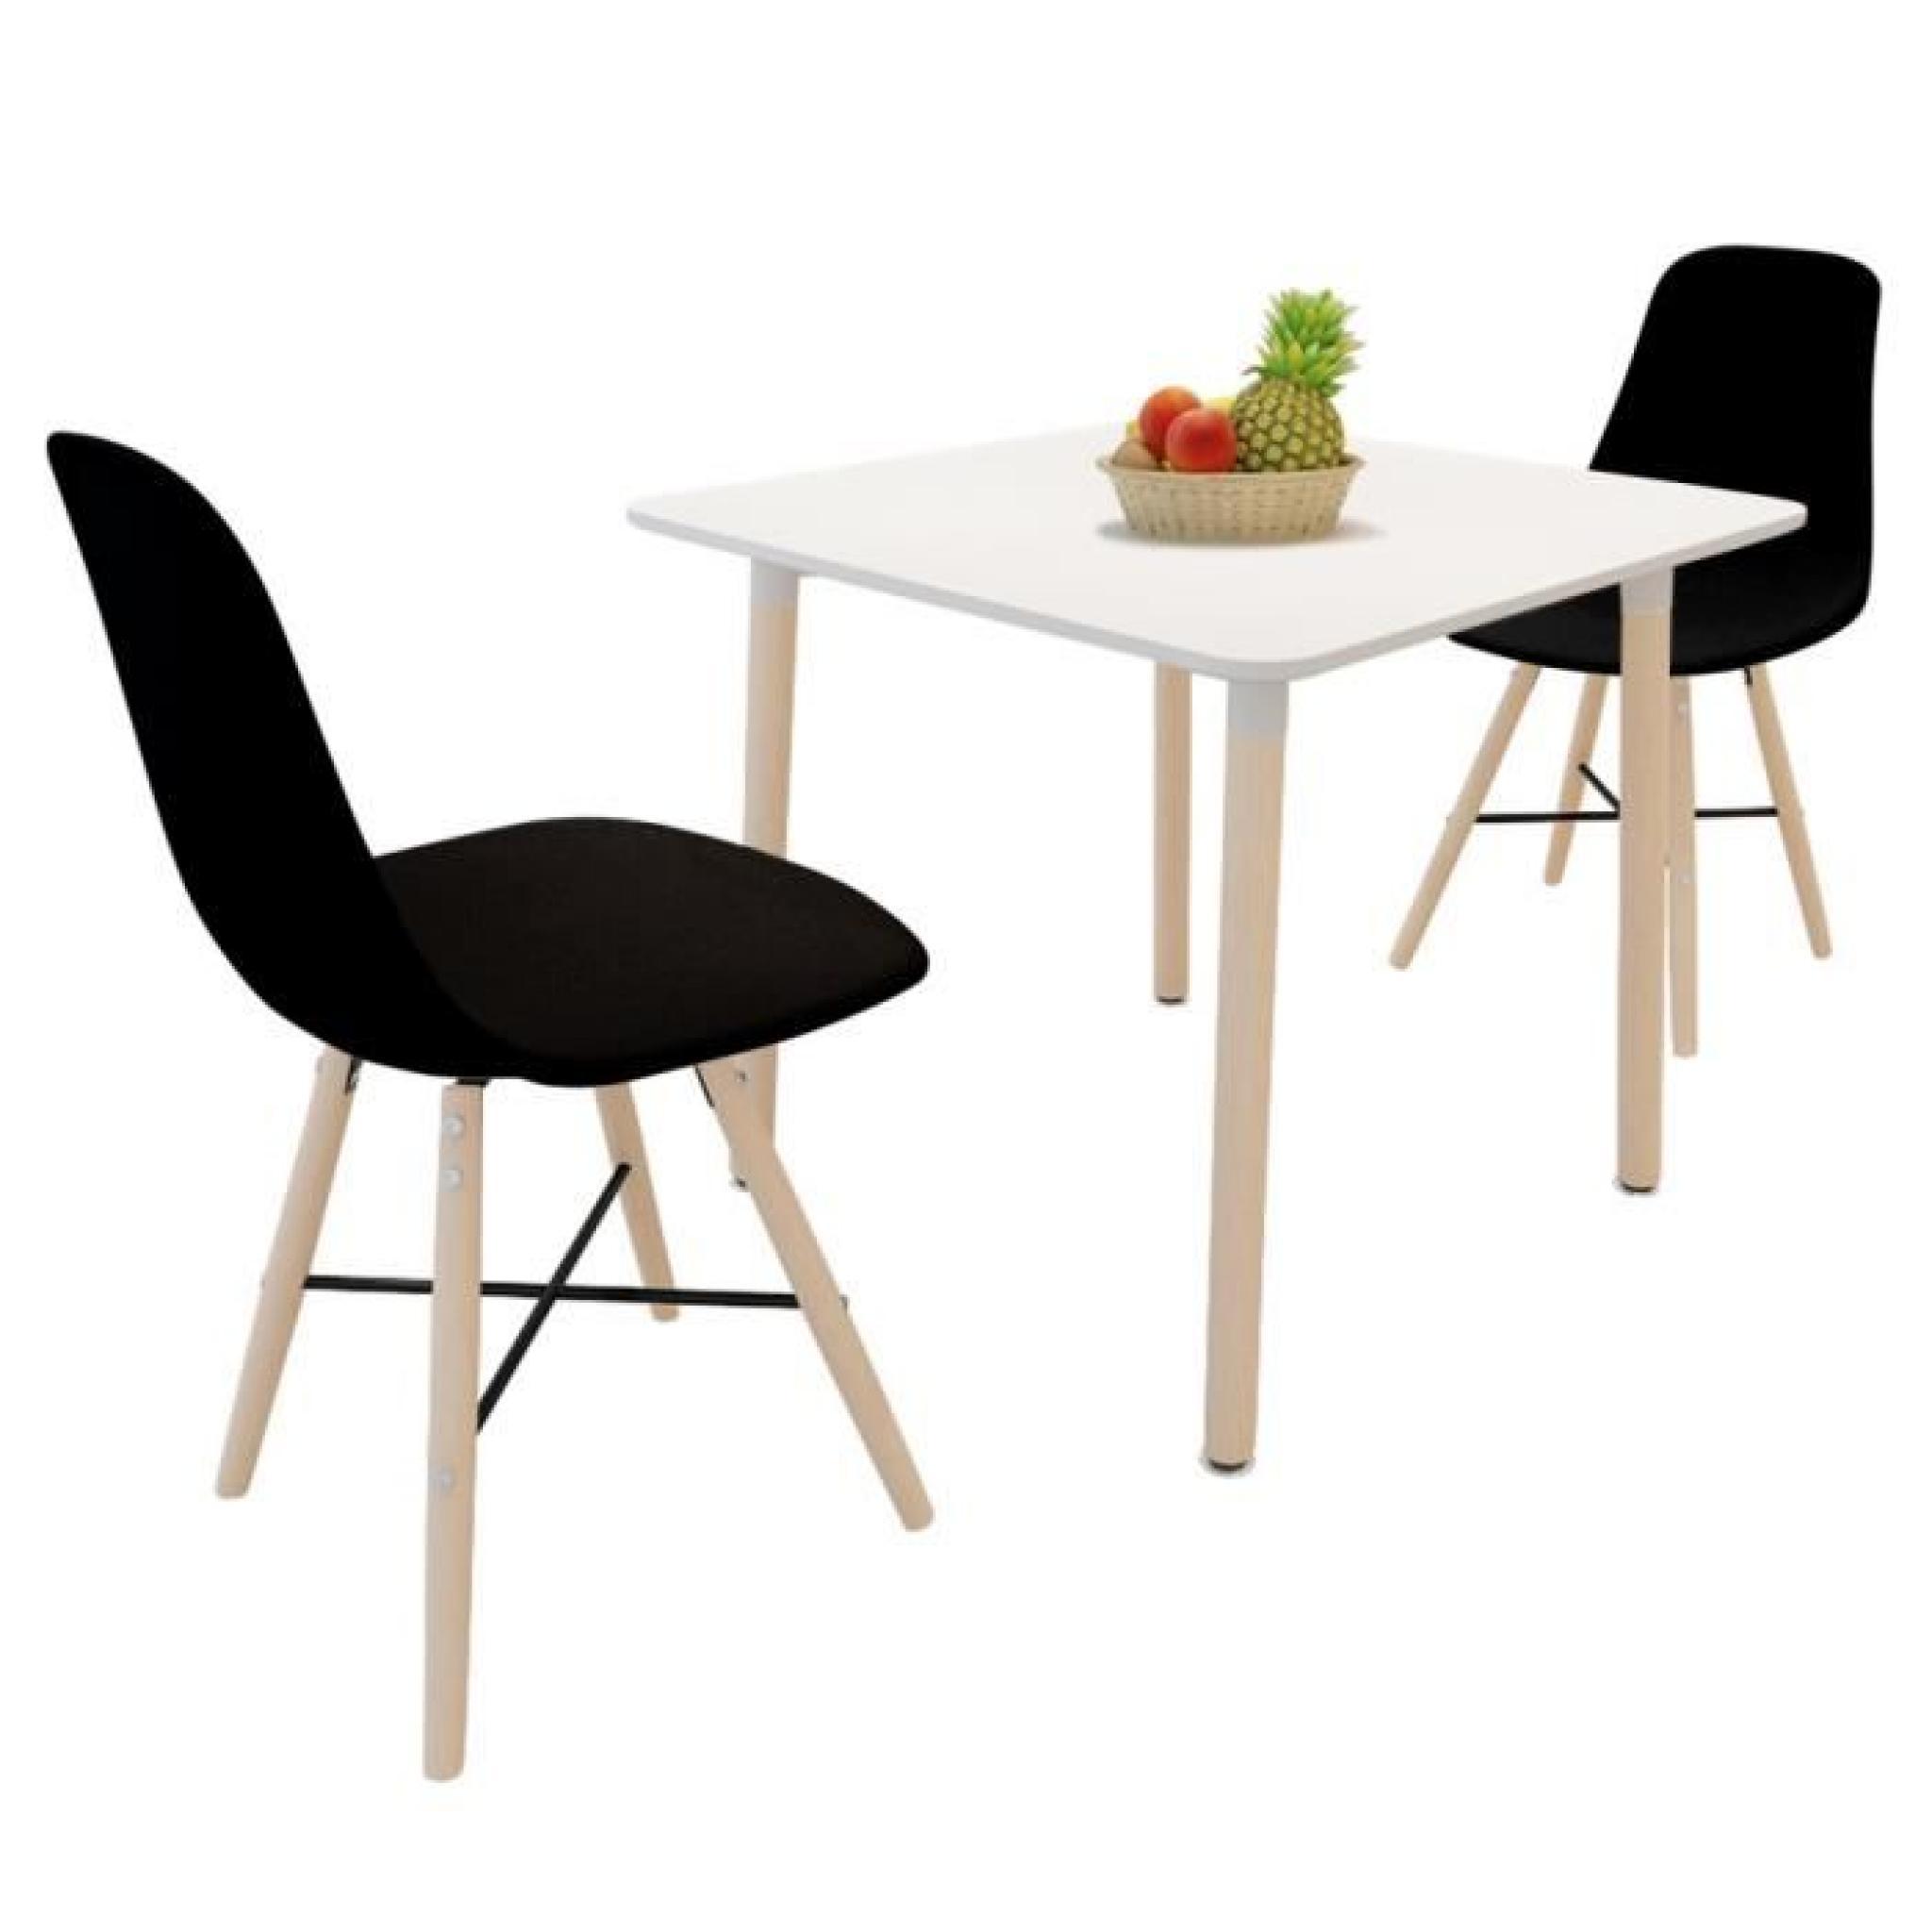 Set de 2 chaises de salle a manger avec pieds en bois noir for Meuble salle À manger avec chaise salle a manger noir pas cher